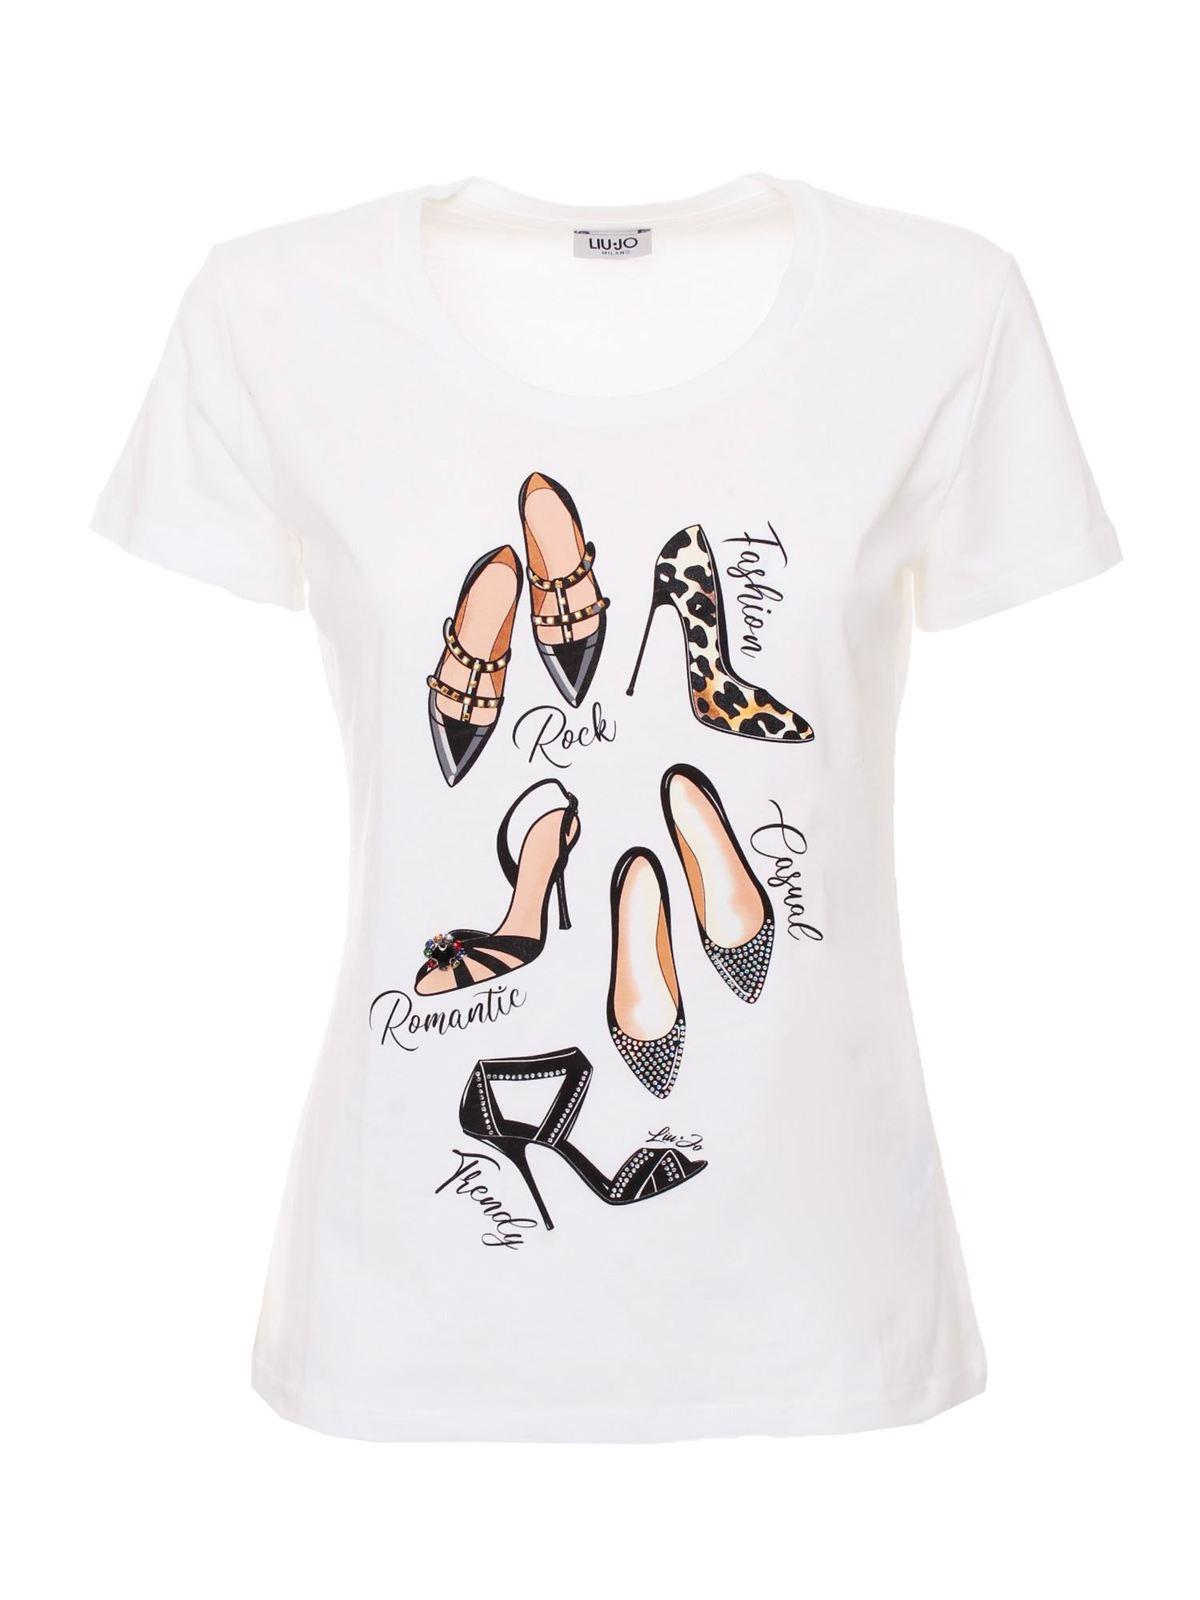 Liu •jo Shoes Print T-shirt In White